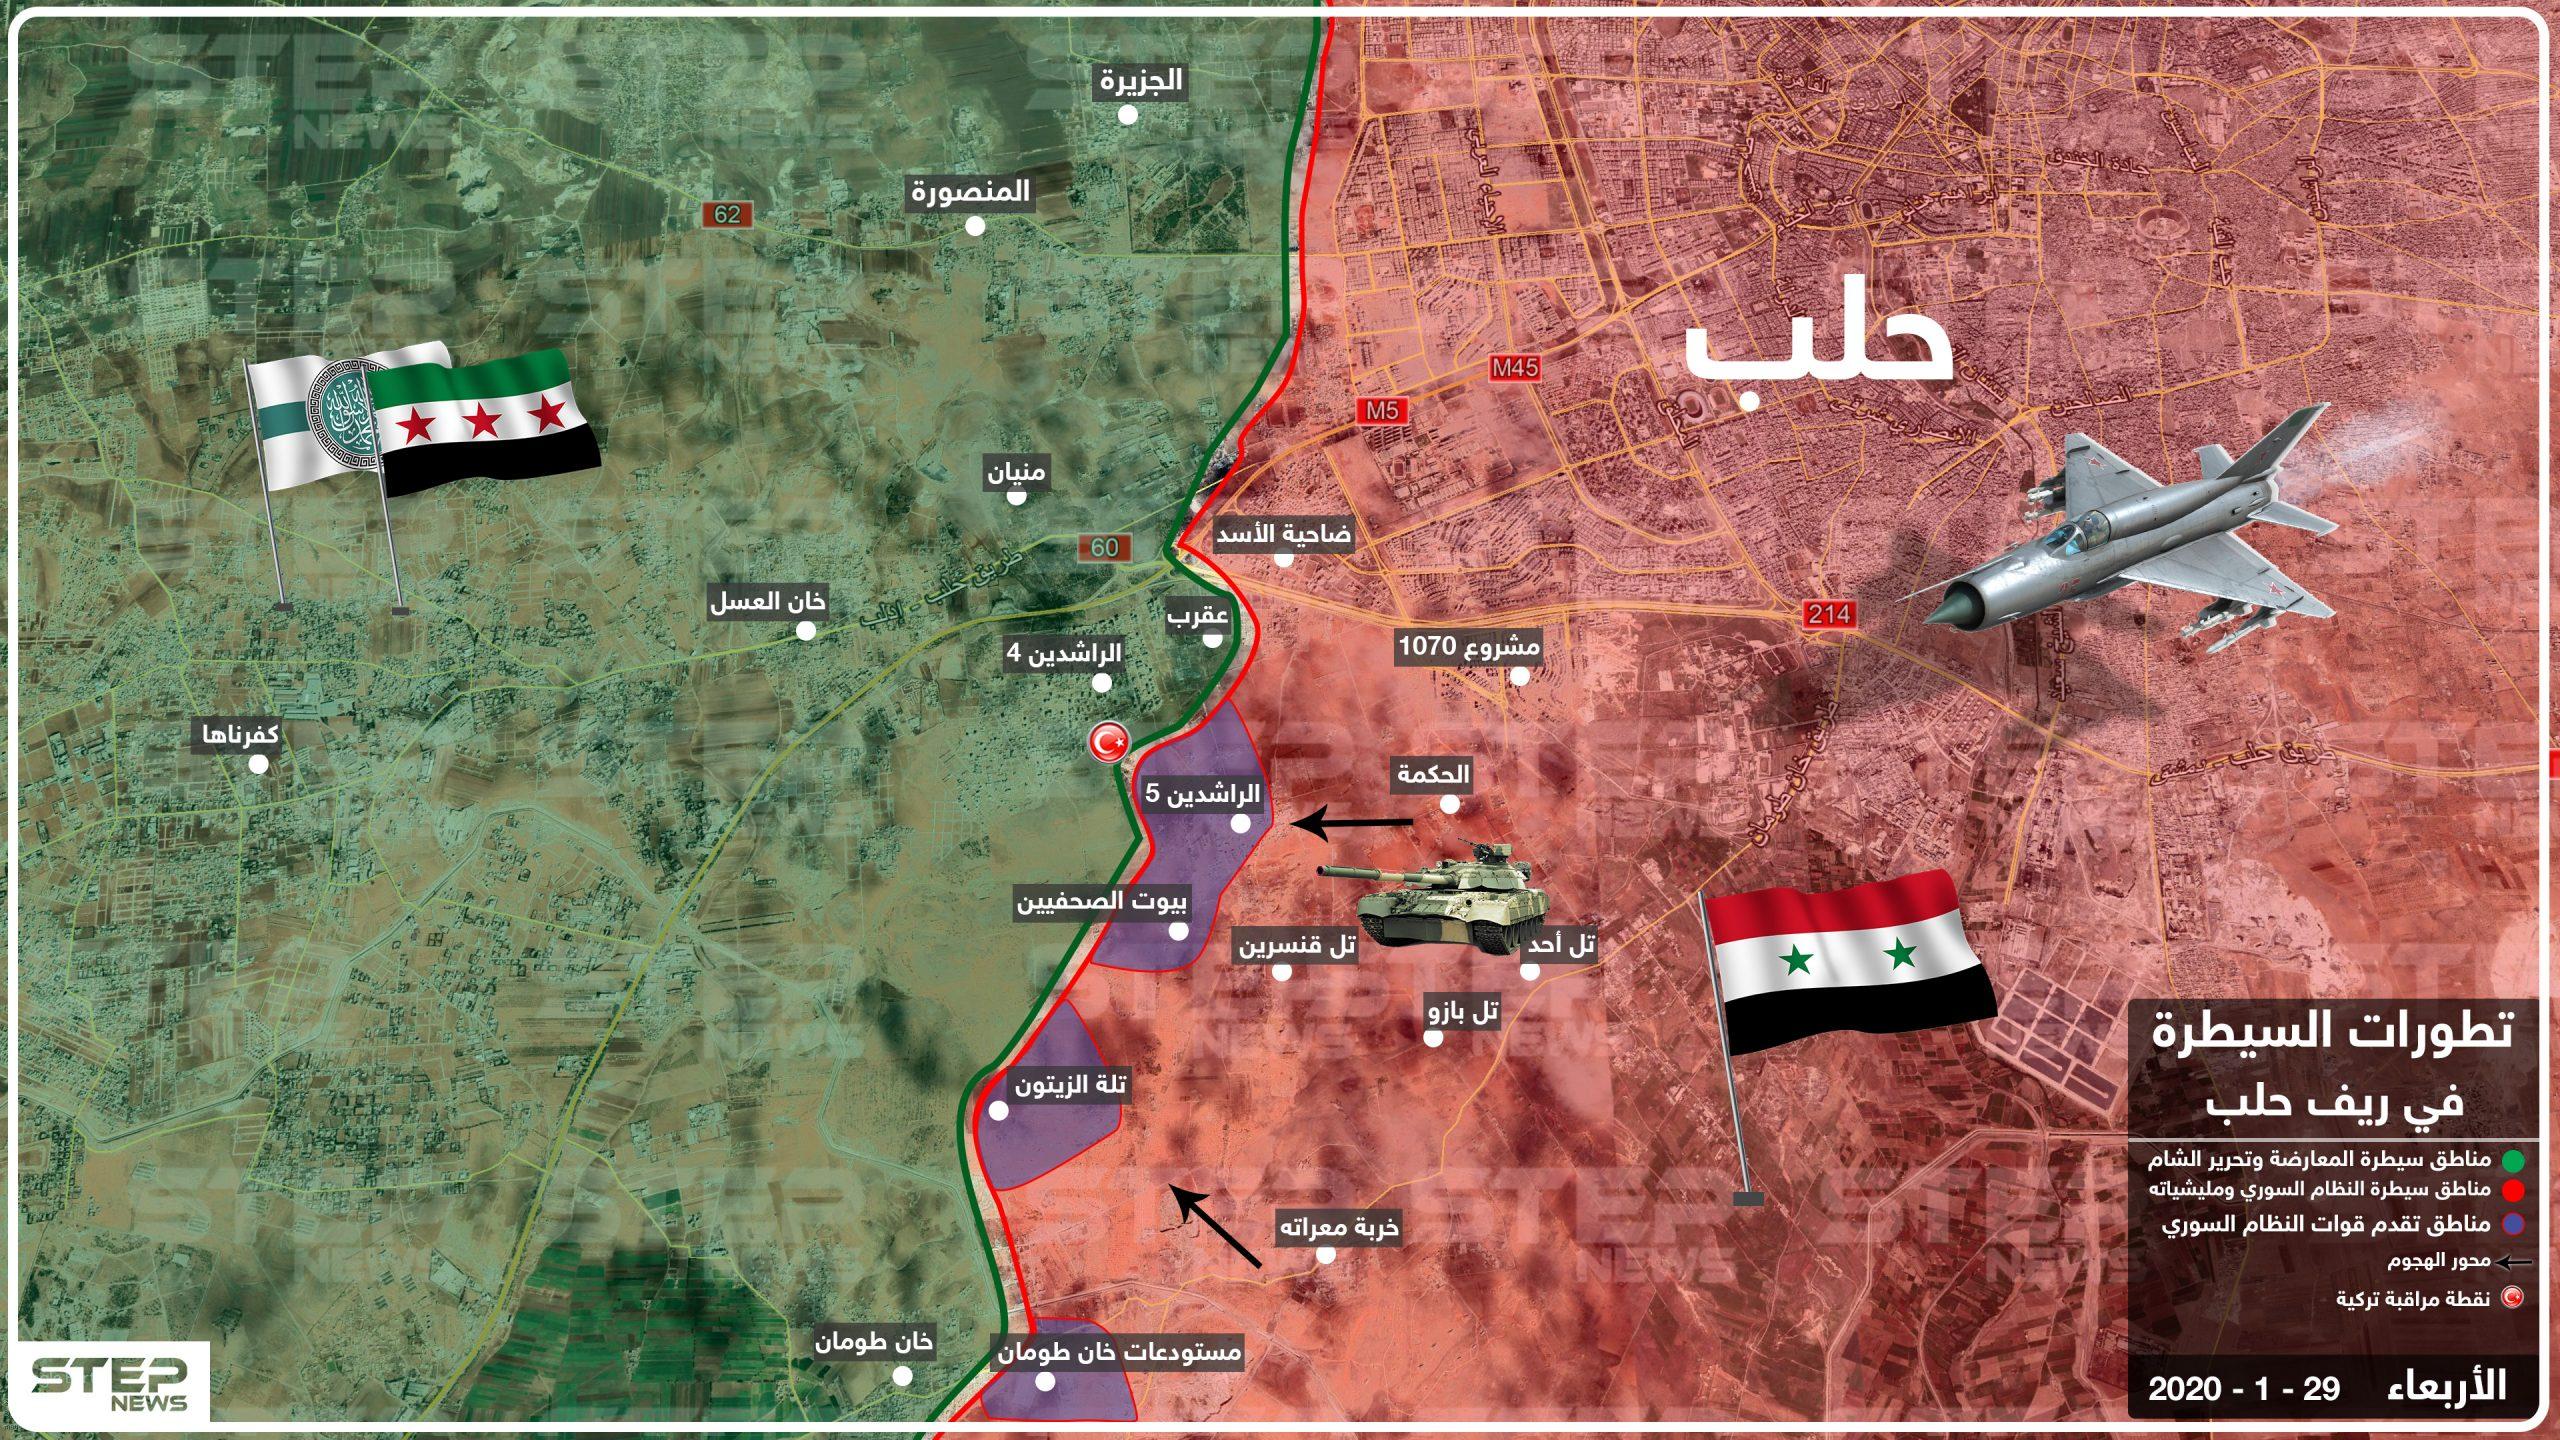 بالخريطة|| قوات النظام السوري تصعّد عسكرياً في حلب وتسيطر على مواقع للمعارضة هناك